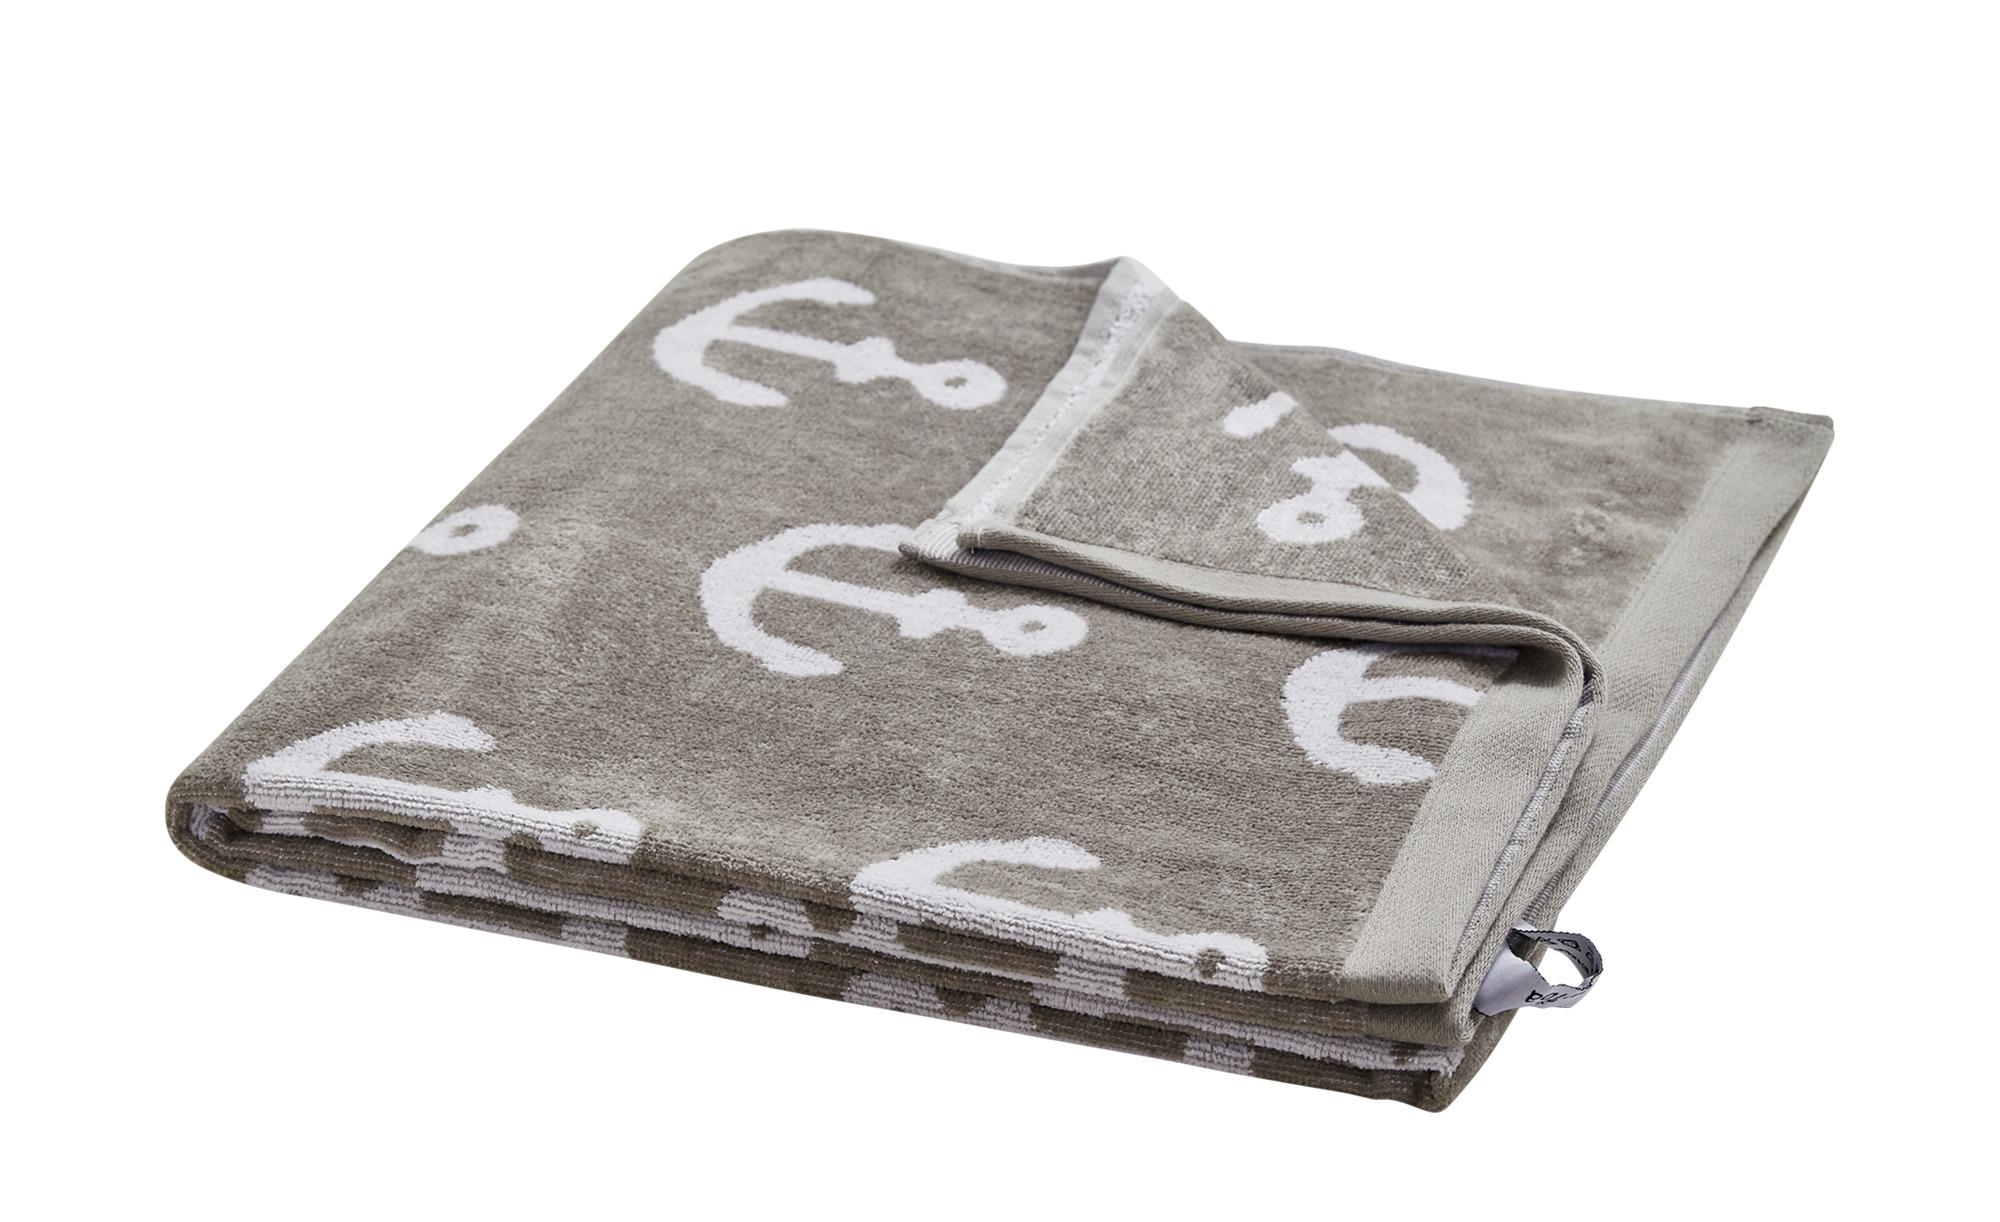 LAVIDA Strandtuch  Beach Towels ¦ grau ¦ reine Baumwolle ¦ Maße (cm): B: 70 Badtextilien und Zubehör > Handtücher & Badetücher > Strandtücher - Höffner